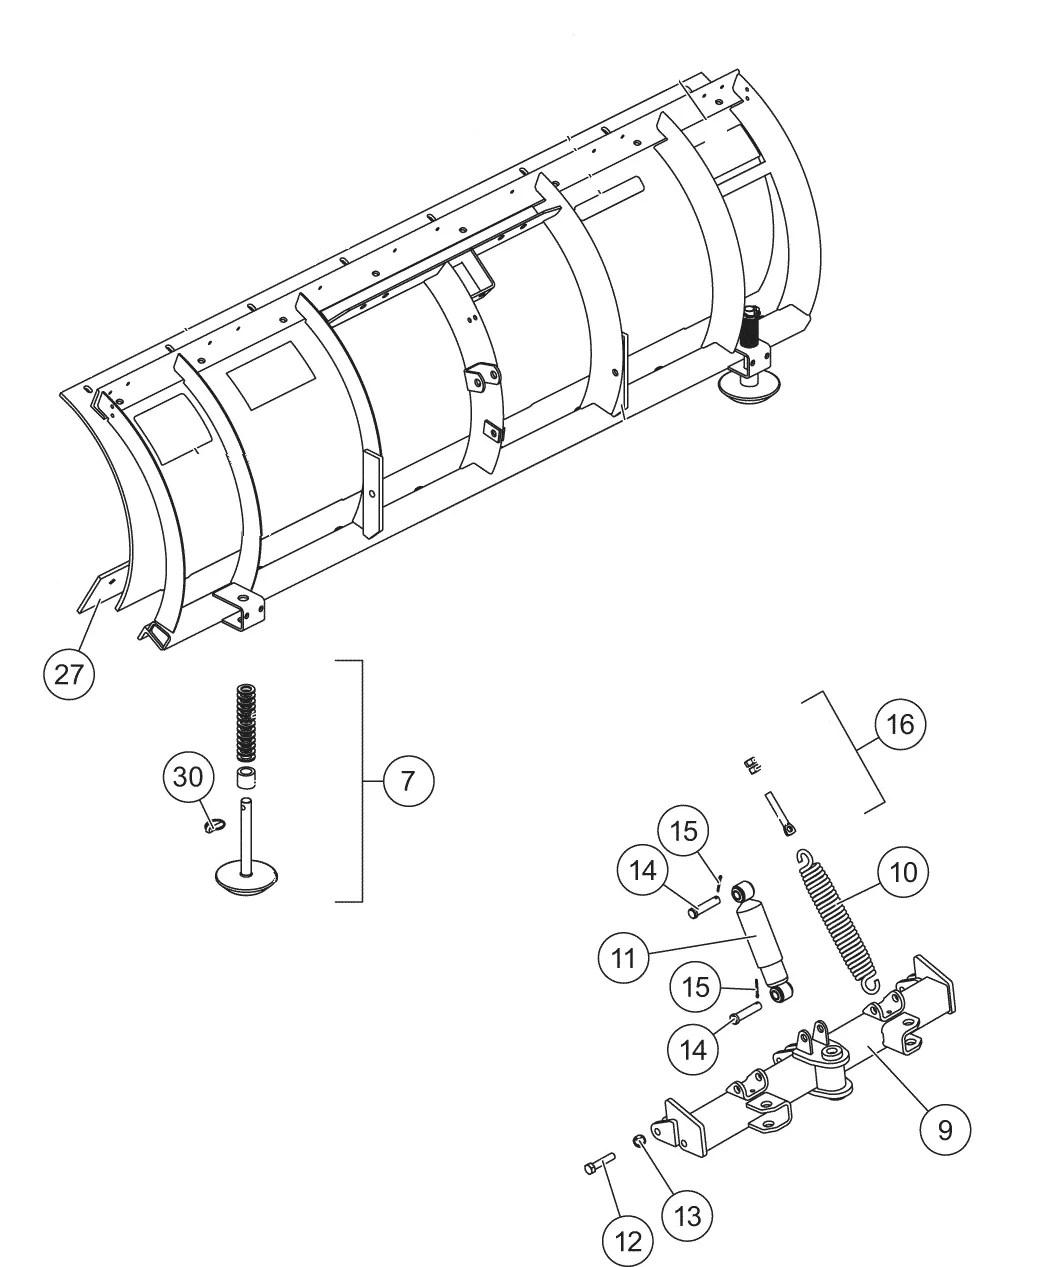 Pro Plow Series 2 Blade Quadrant Diagram